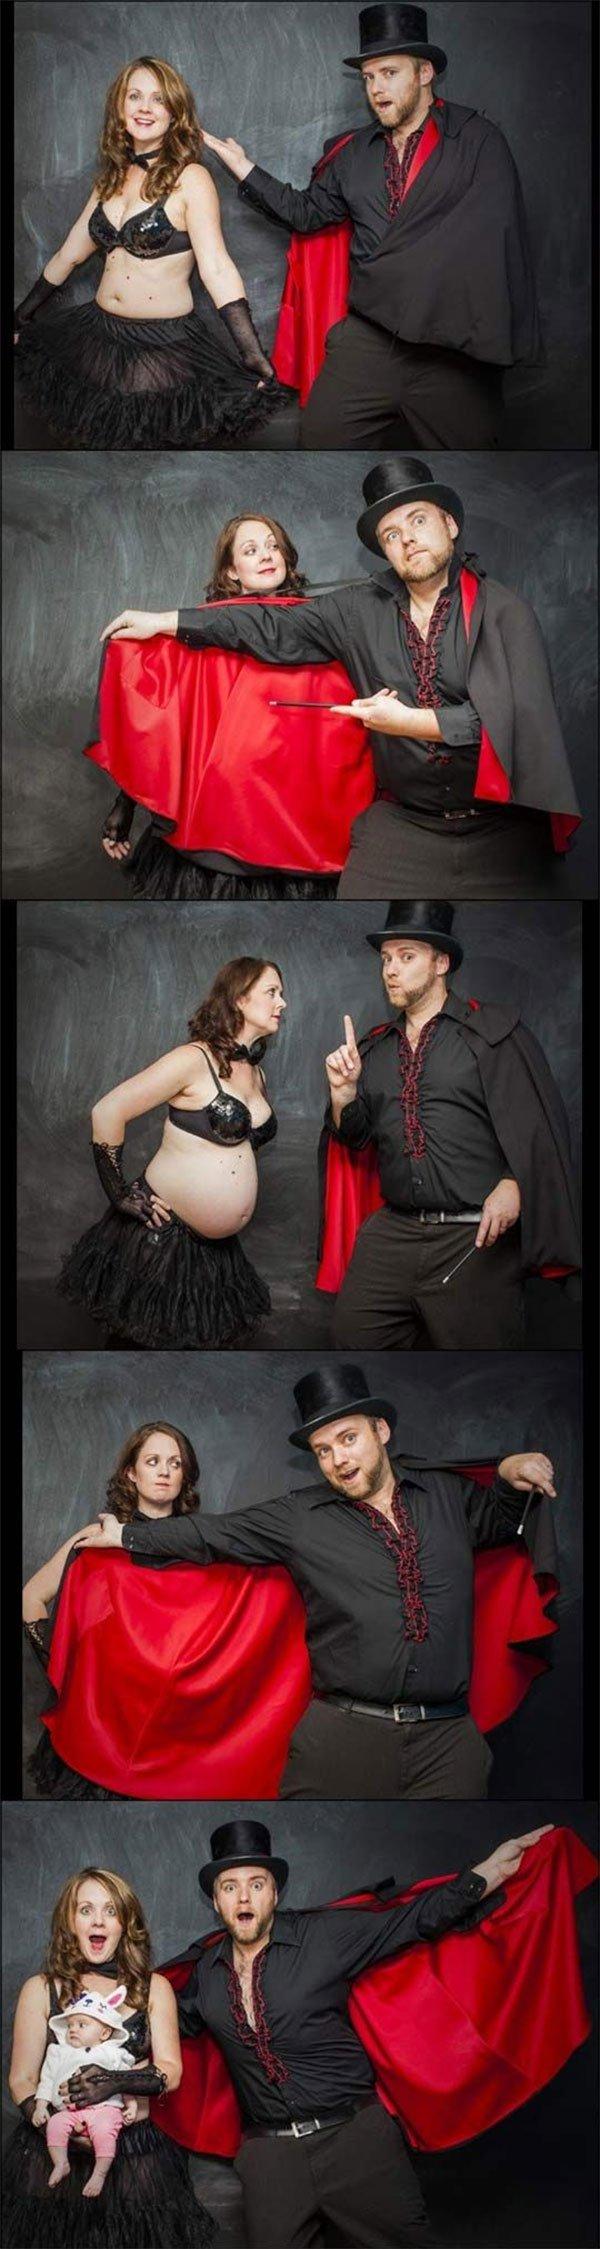 Fotografie ciążowe